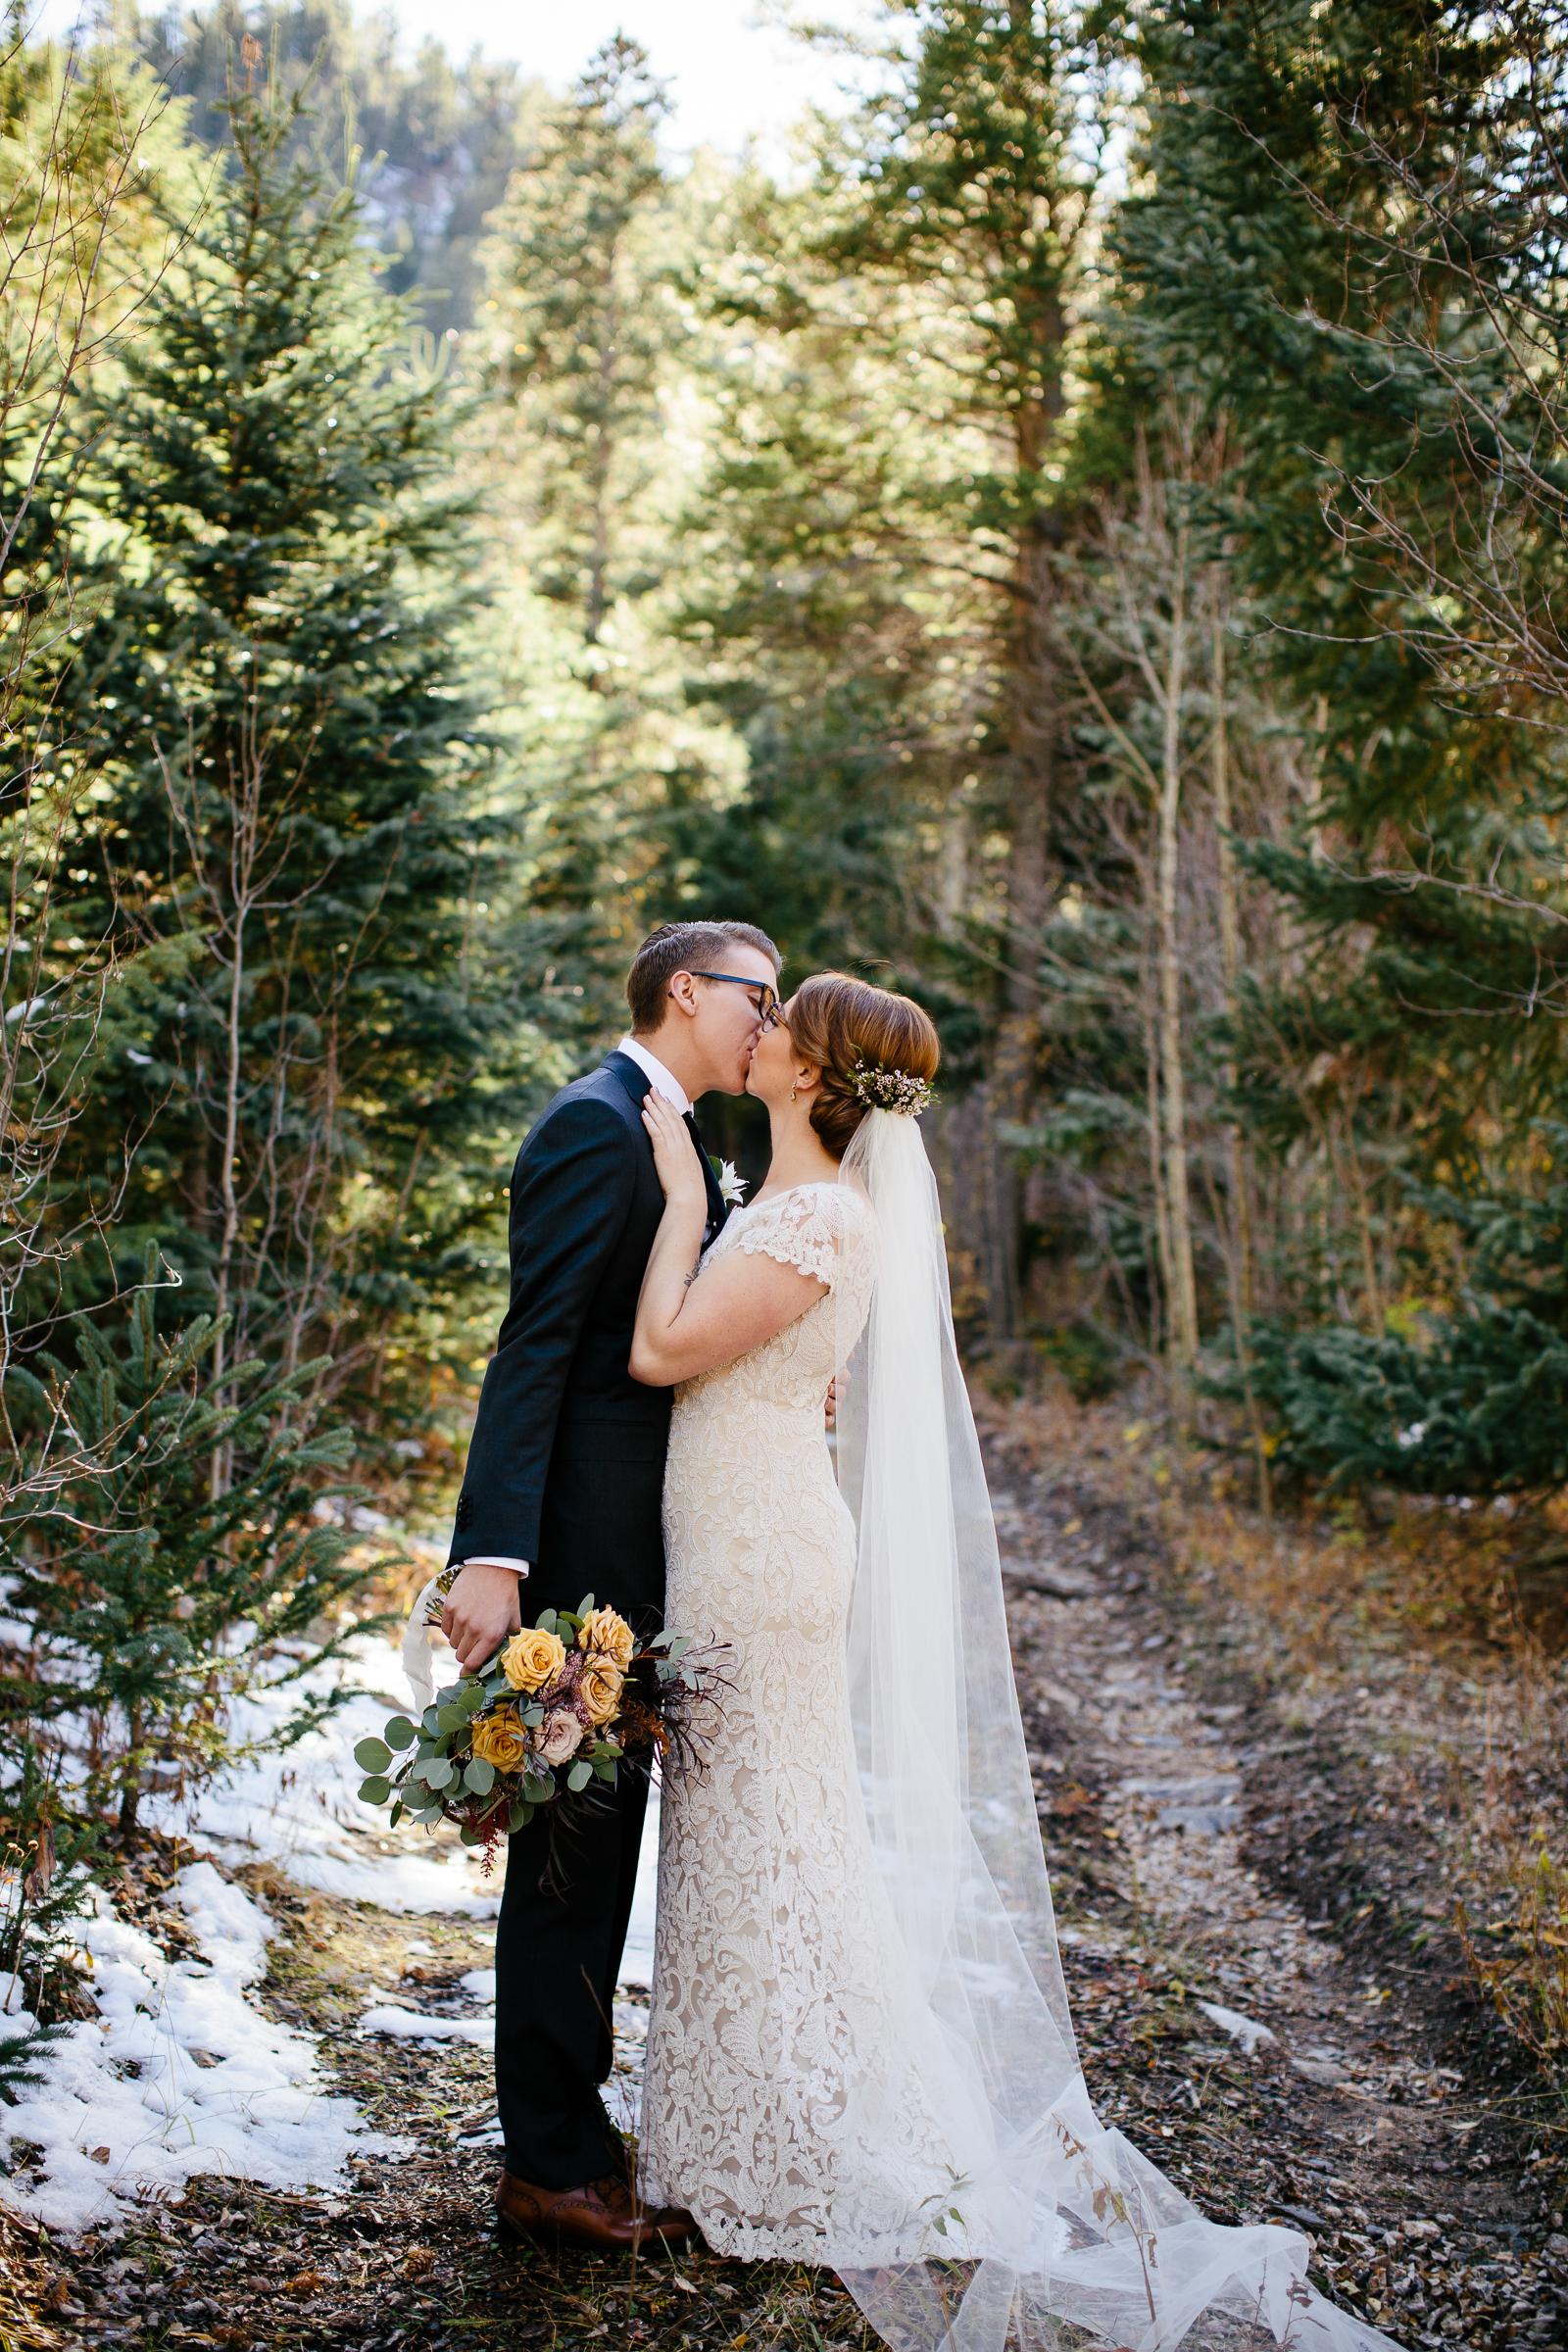 S+S, Married{MWP}-247.jpg